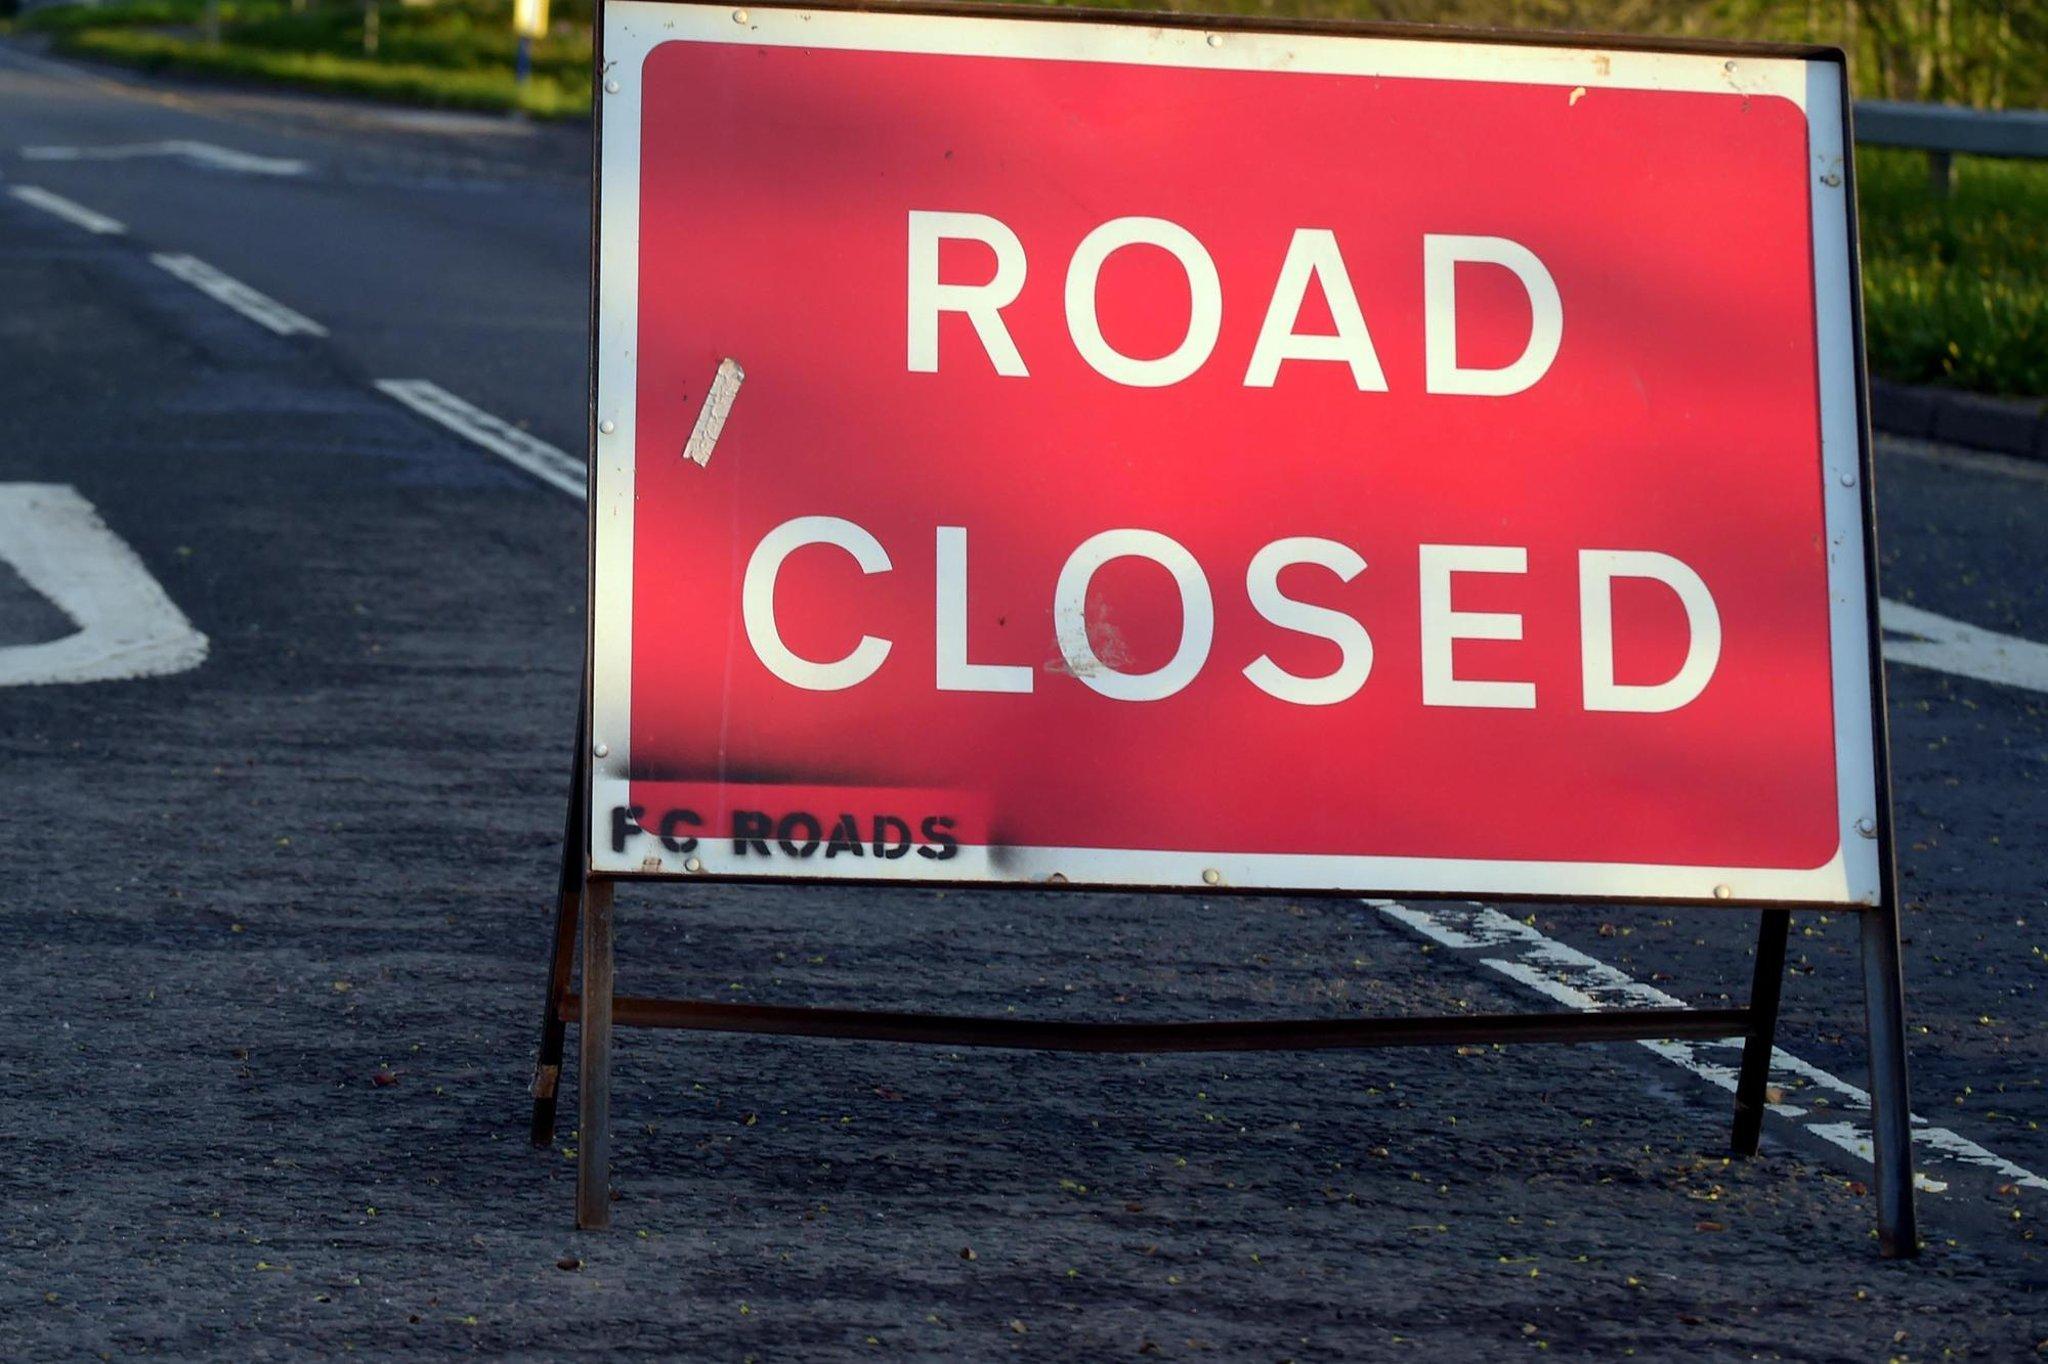 Jalan Edinburgh ditutup oleh layanan darurat setelah dugaan tabrakan